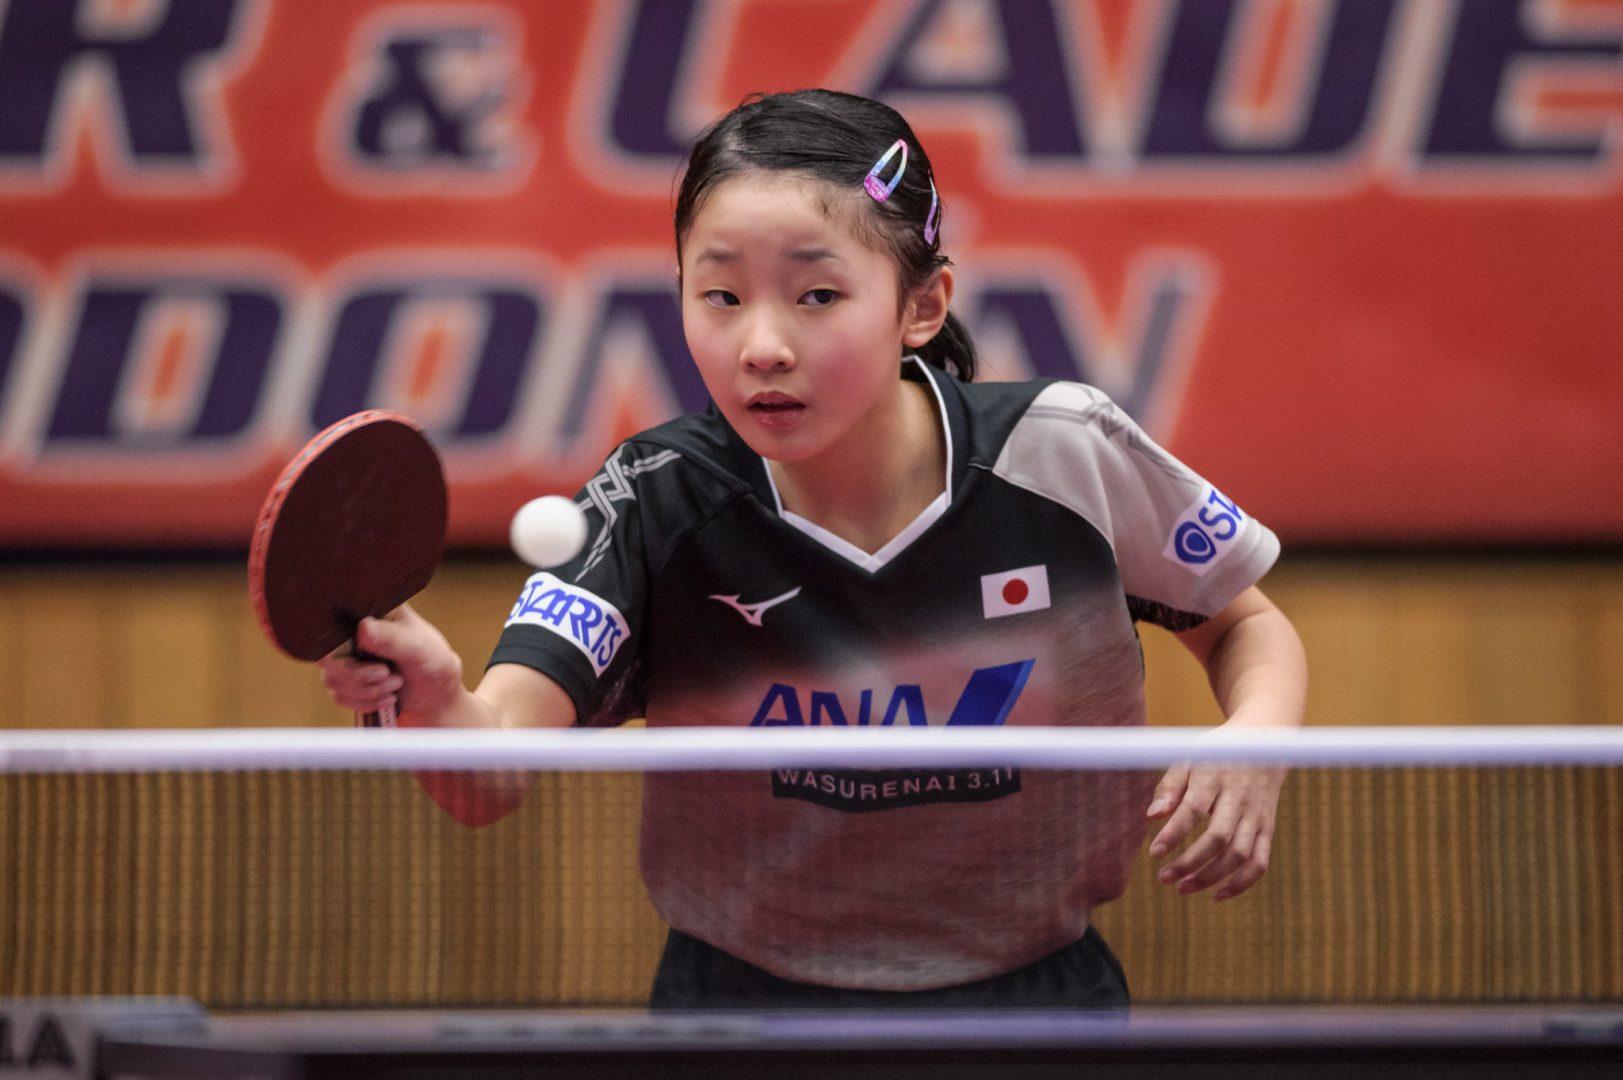 張本・面手のカデット女子団体が準優勝 中国の壁破れず<ジュニアサーキット・中国OP>